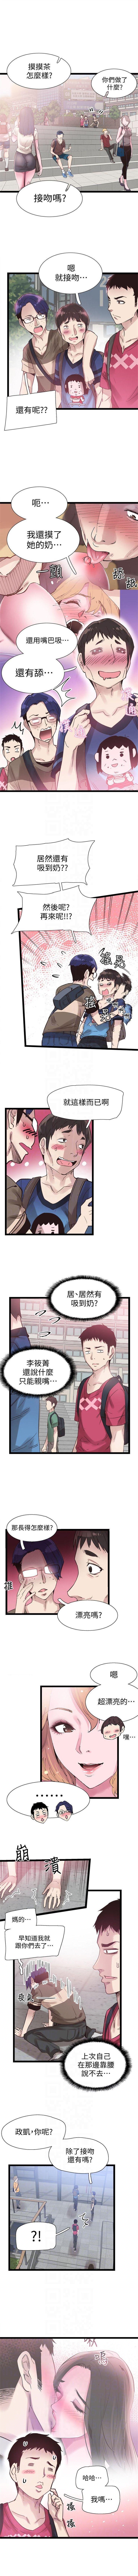 校园live秀 1-20 中文翻译(更新中) 69